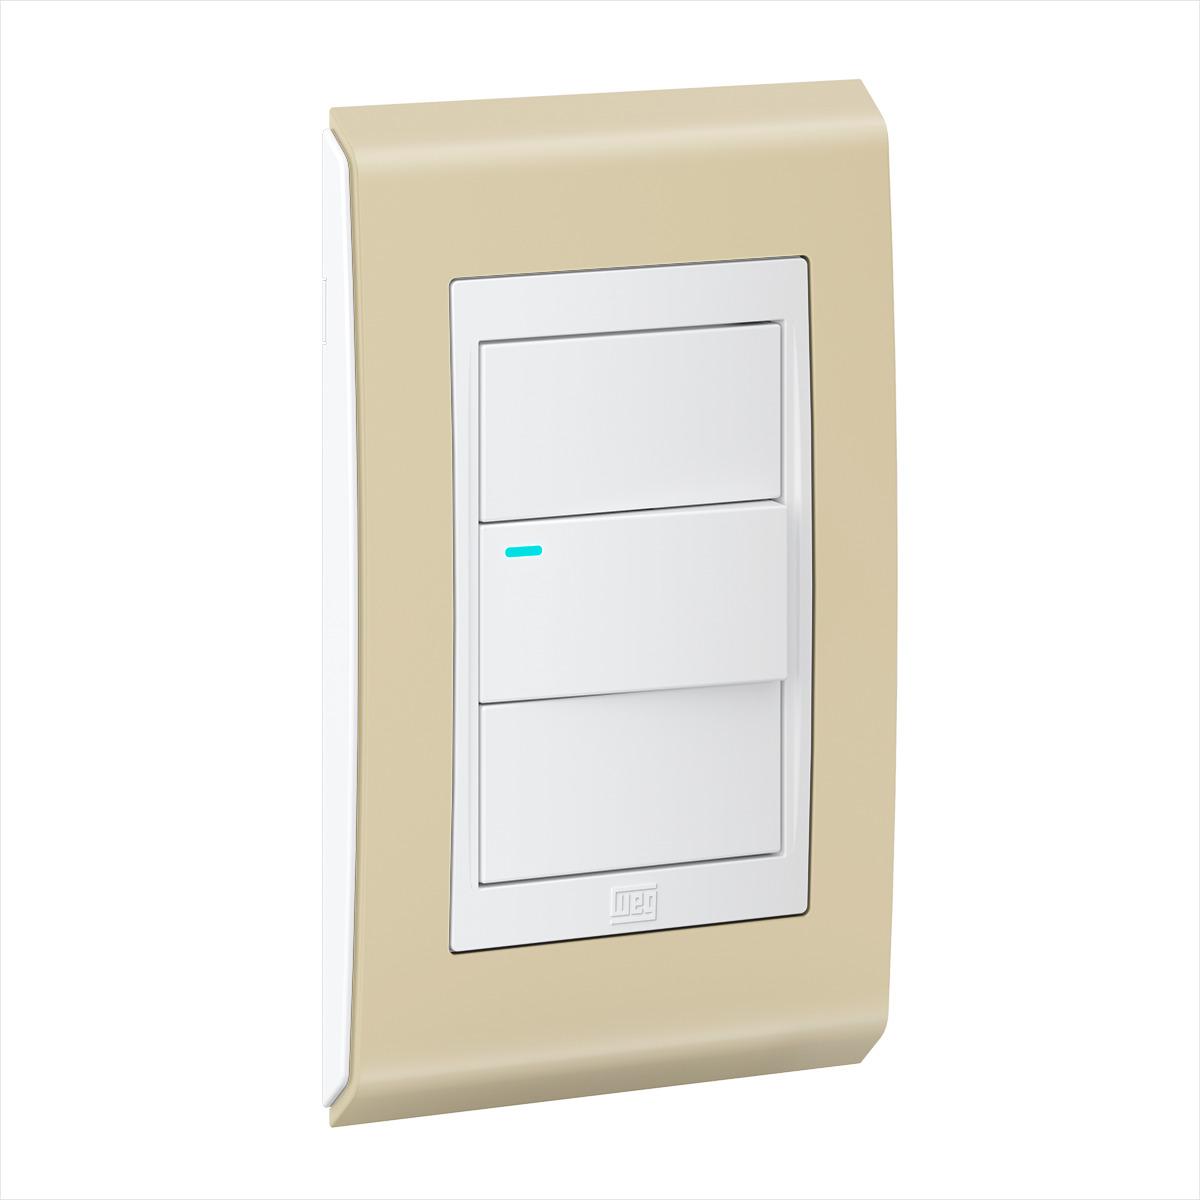 Conjunto 1 Interruptor LED - Refinatto Style - Areia / Branco